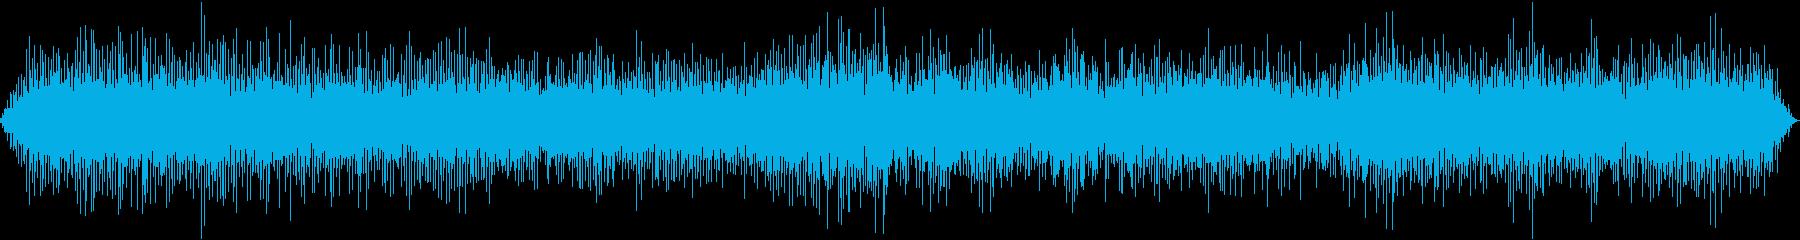 プロペラ飛行機飛行インテリアコック...の再生済みの波形